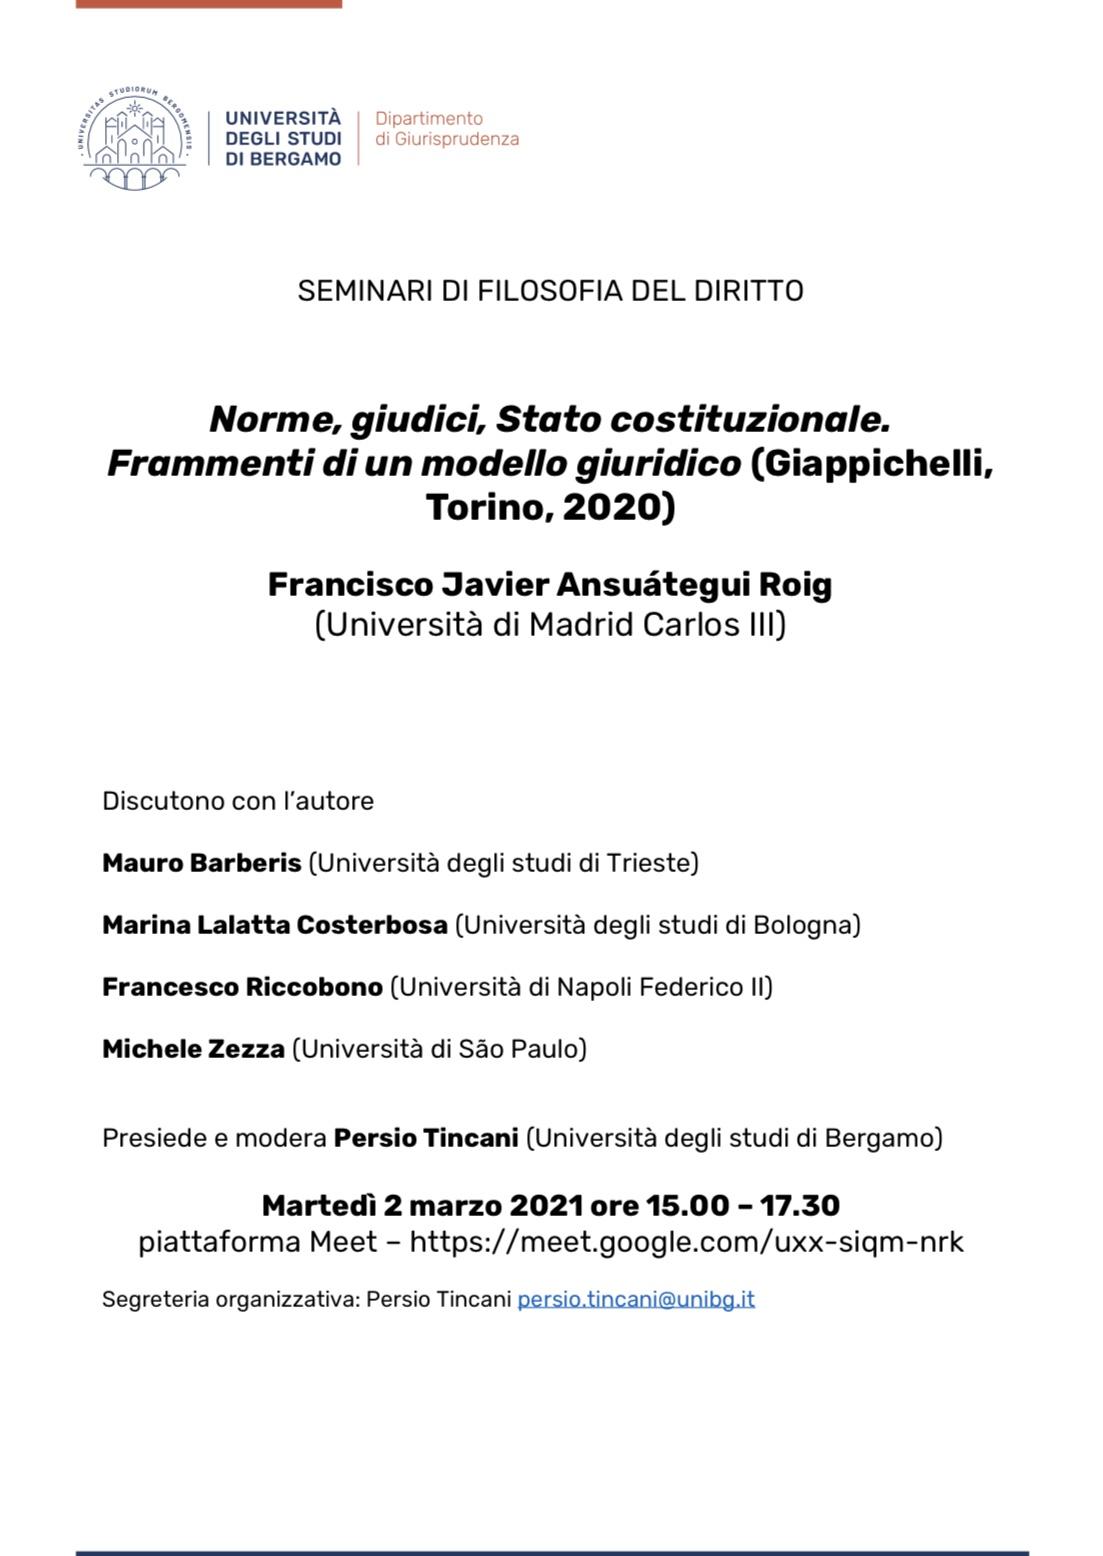 """Michele Zezza discussant nel Seminario su """"Norme, giudici, Stato costituzionale. Frammenti di un modello giuridico"""" (Università di Bergamo)"""